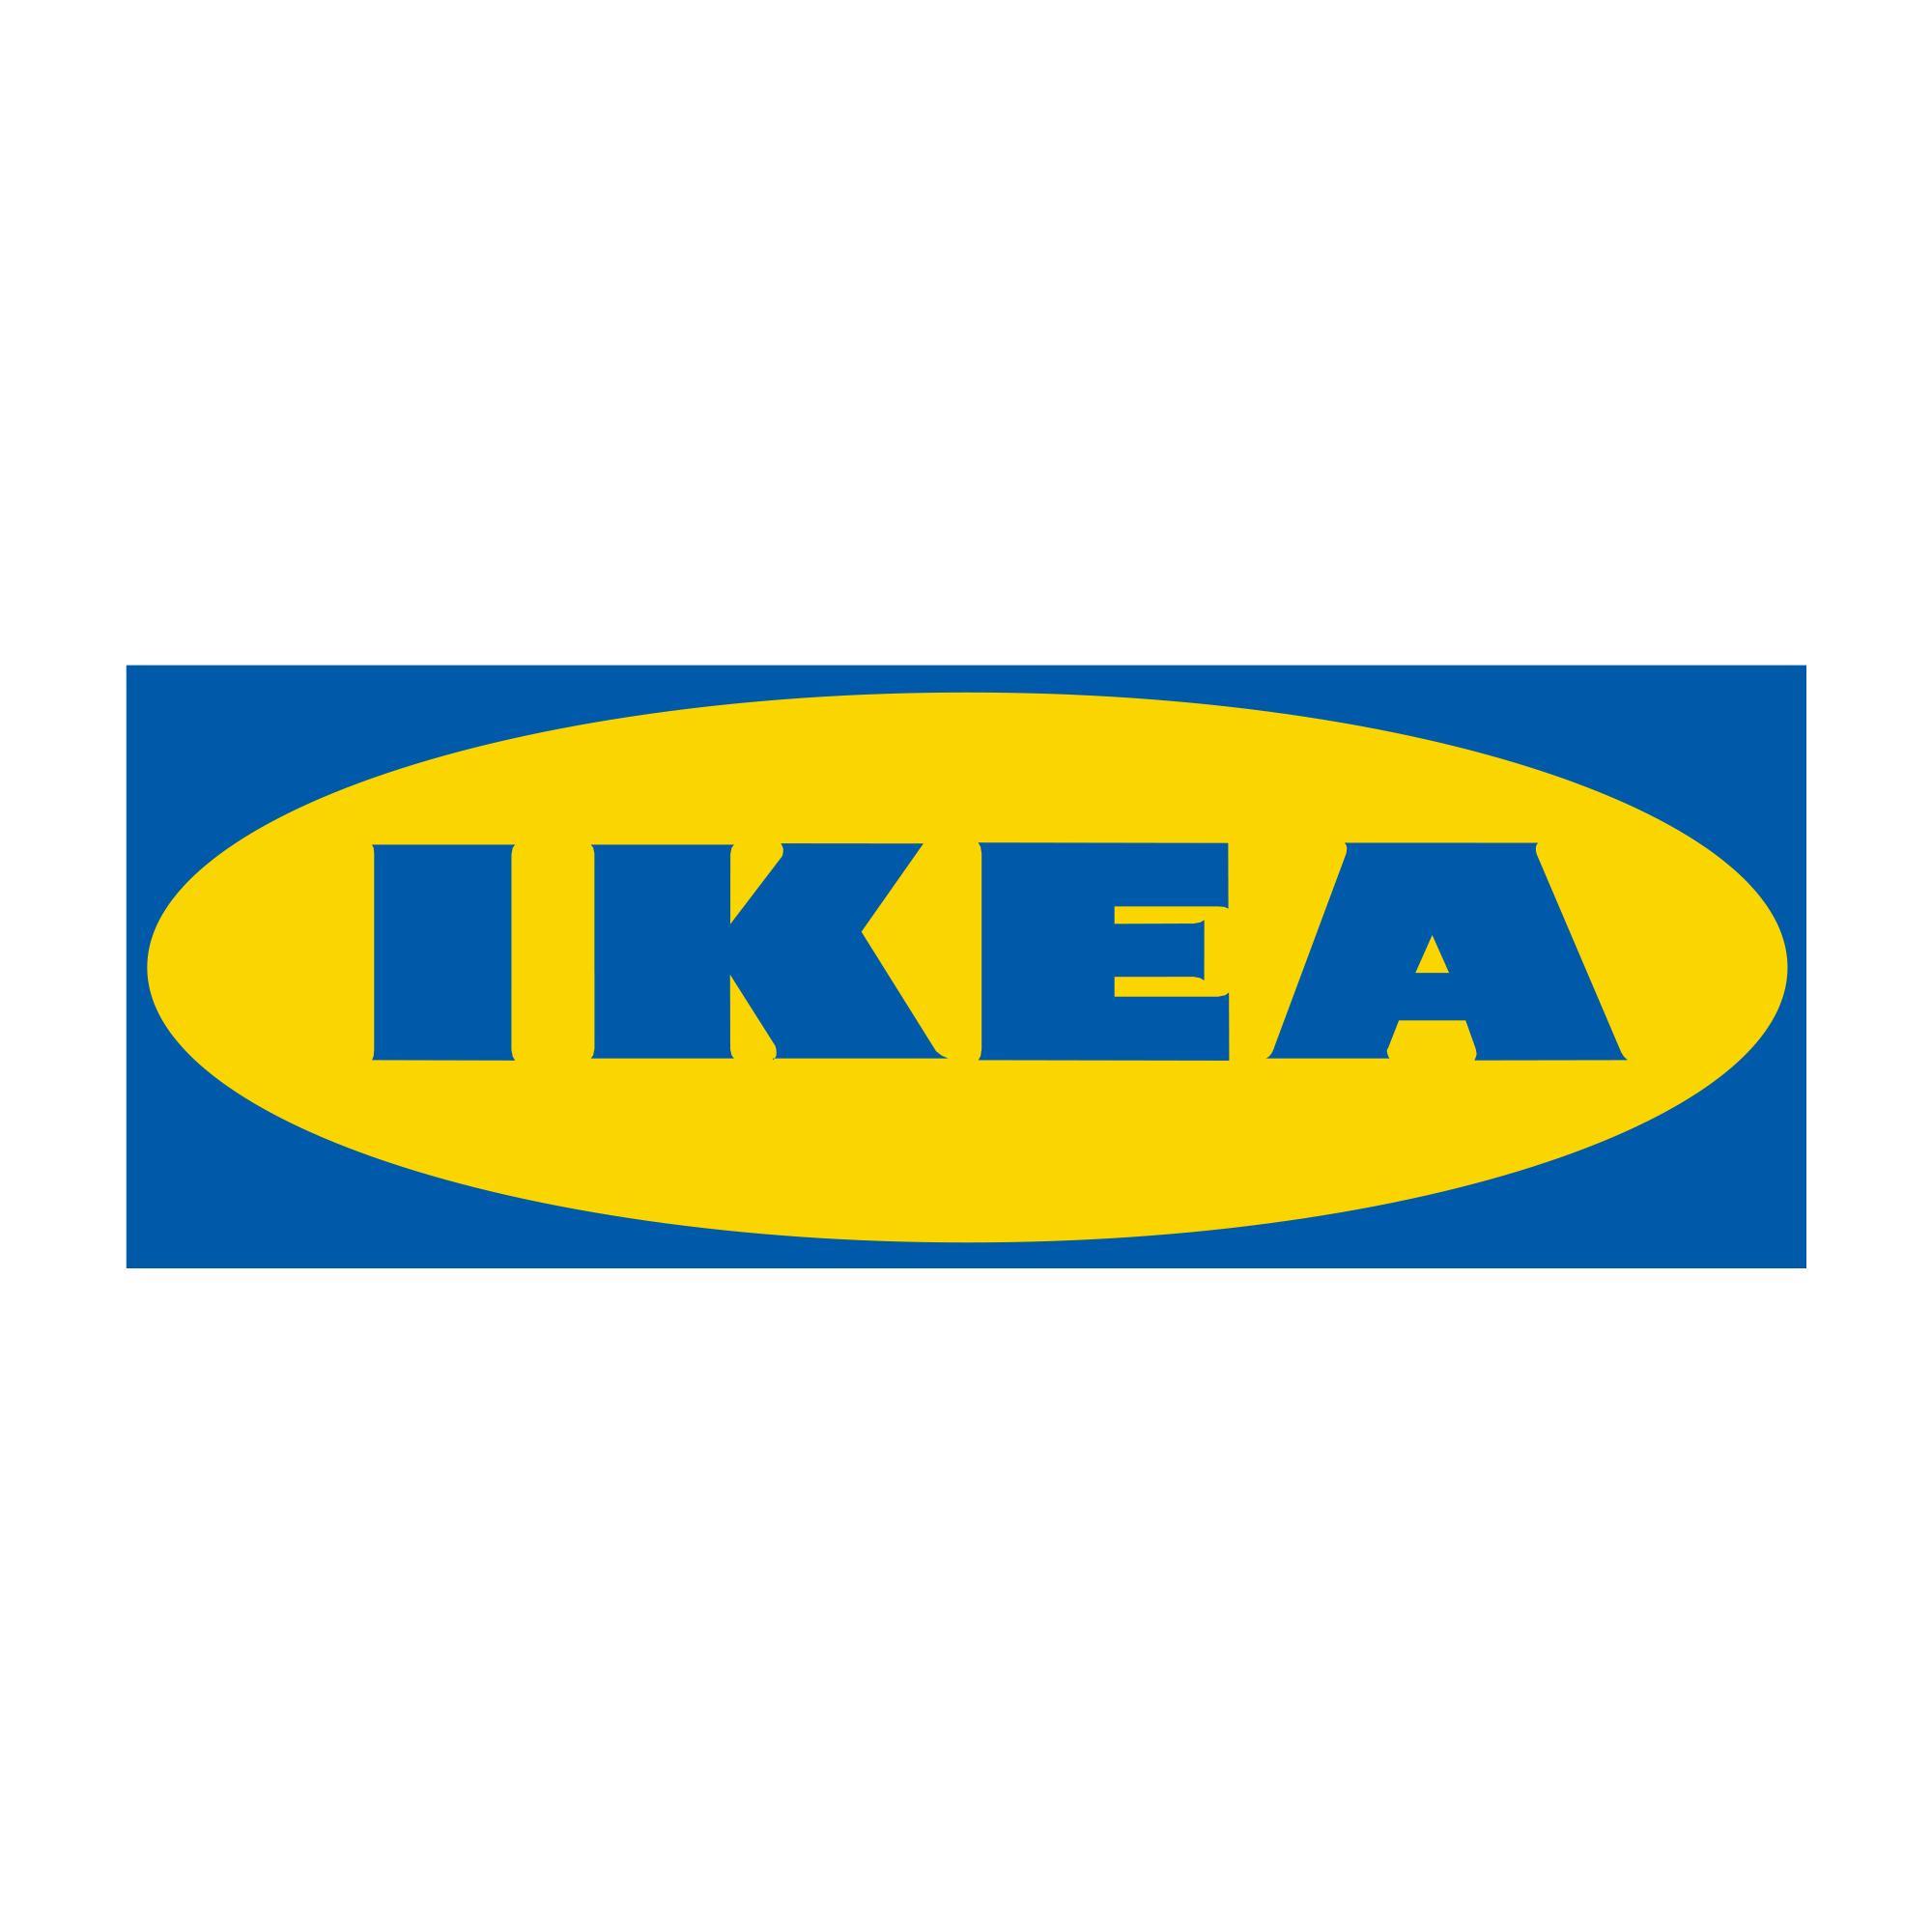 [Ikea Family] Ateliers Décoration Gratuits - Ex: Aménagement d'un salon ou Création d'un mur de cadres